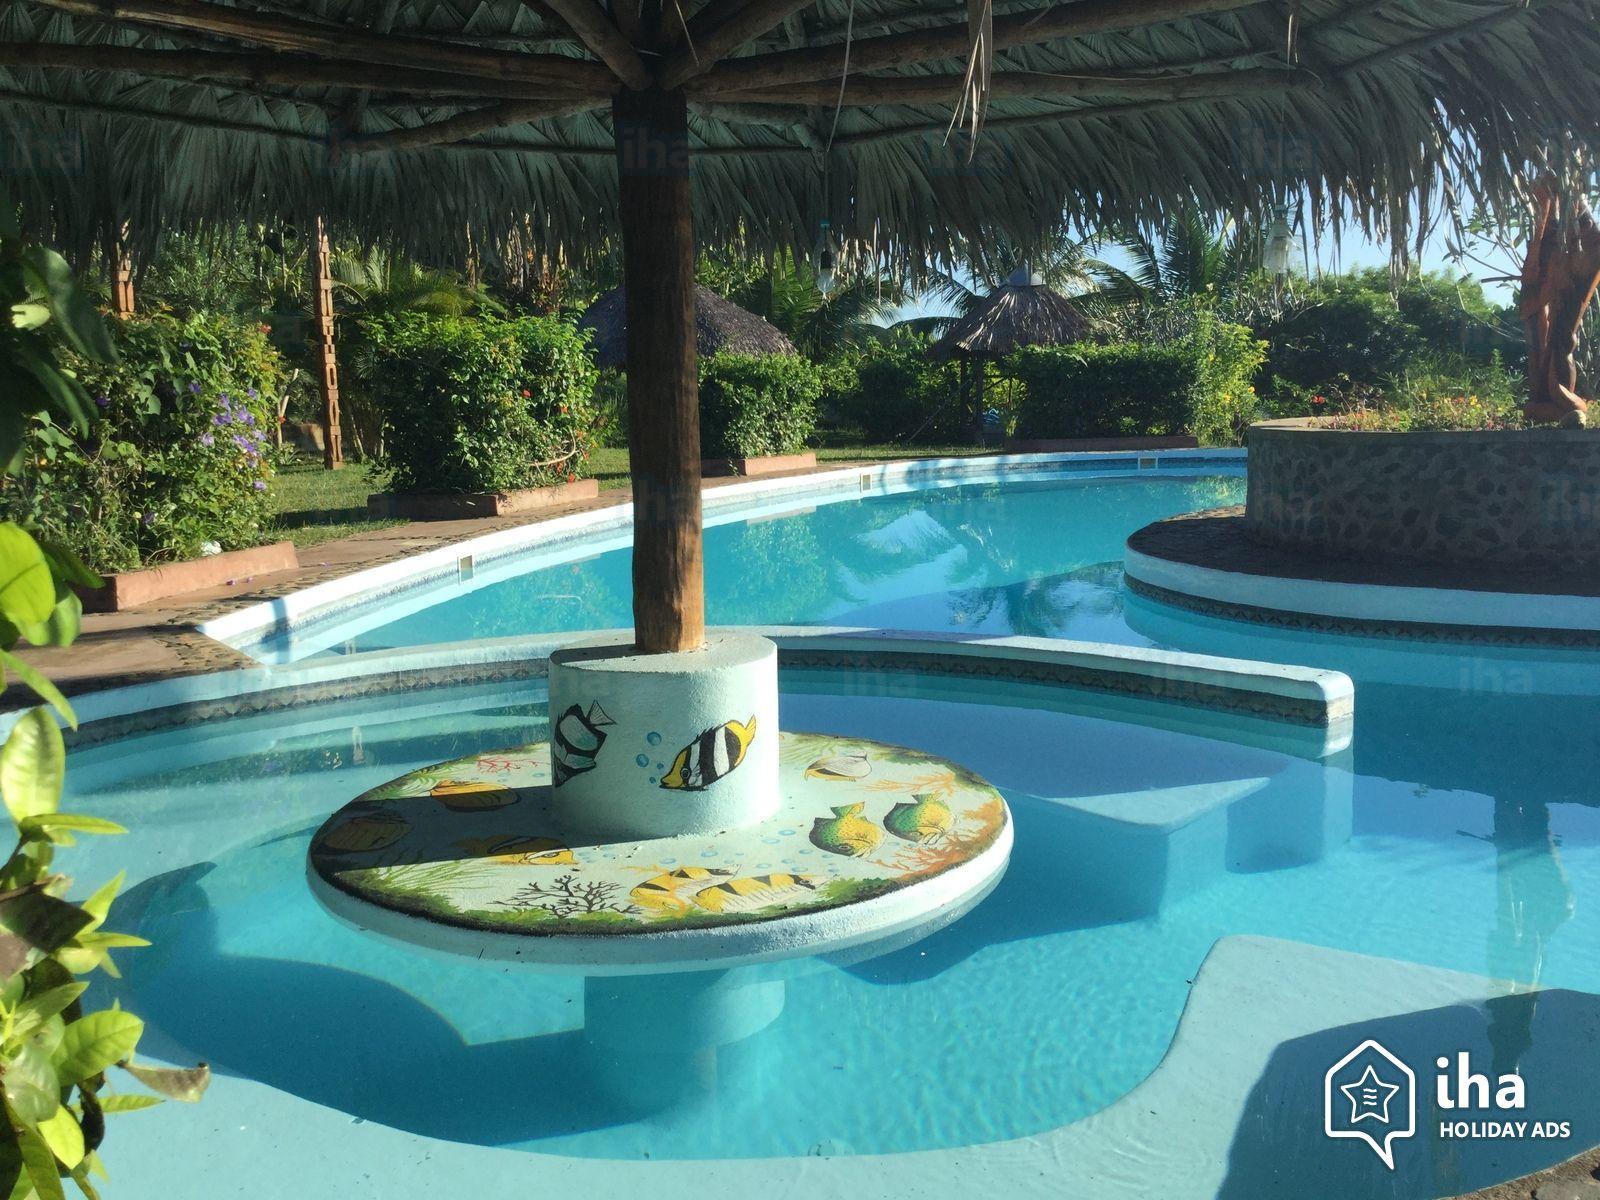 4 Bedrooms Villa For Rent From 1 To 12 People concernant Piscine Originale